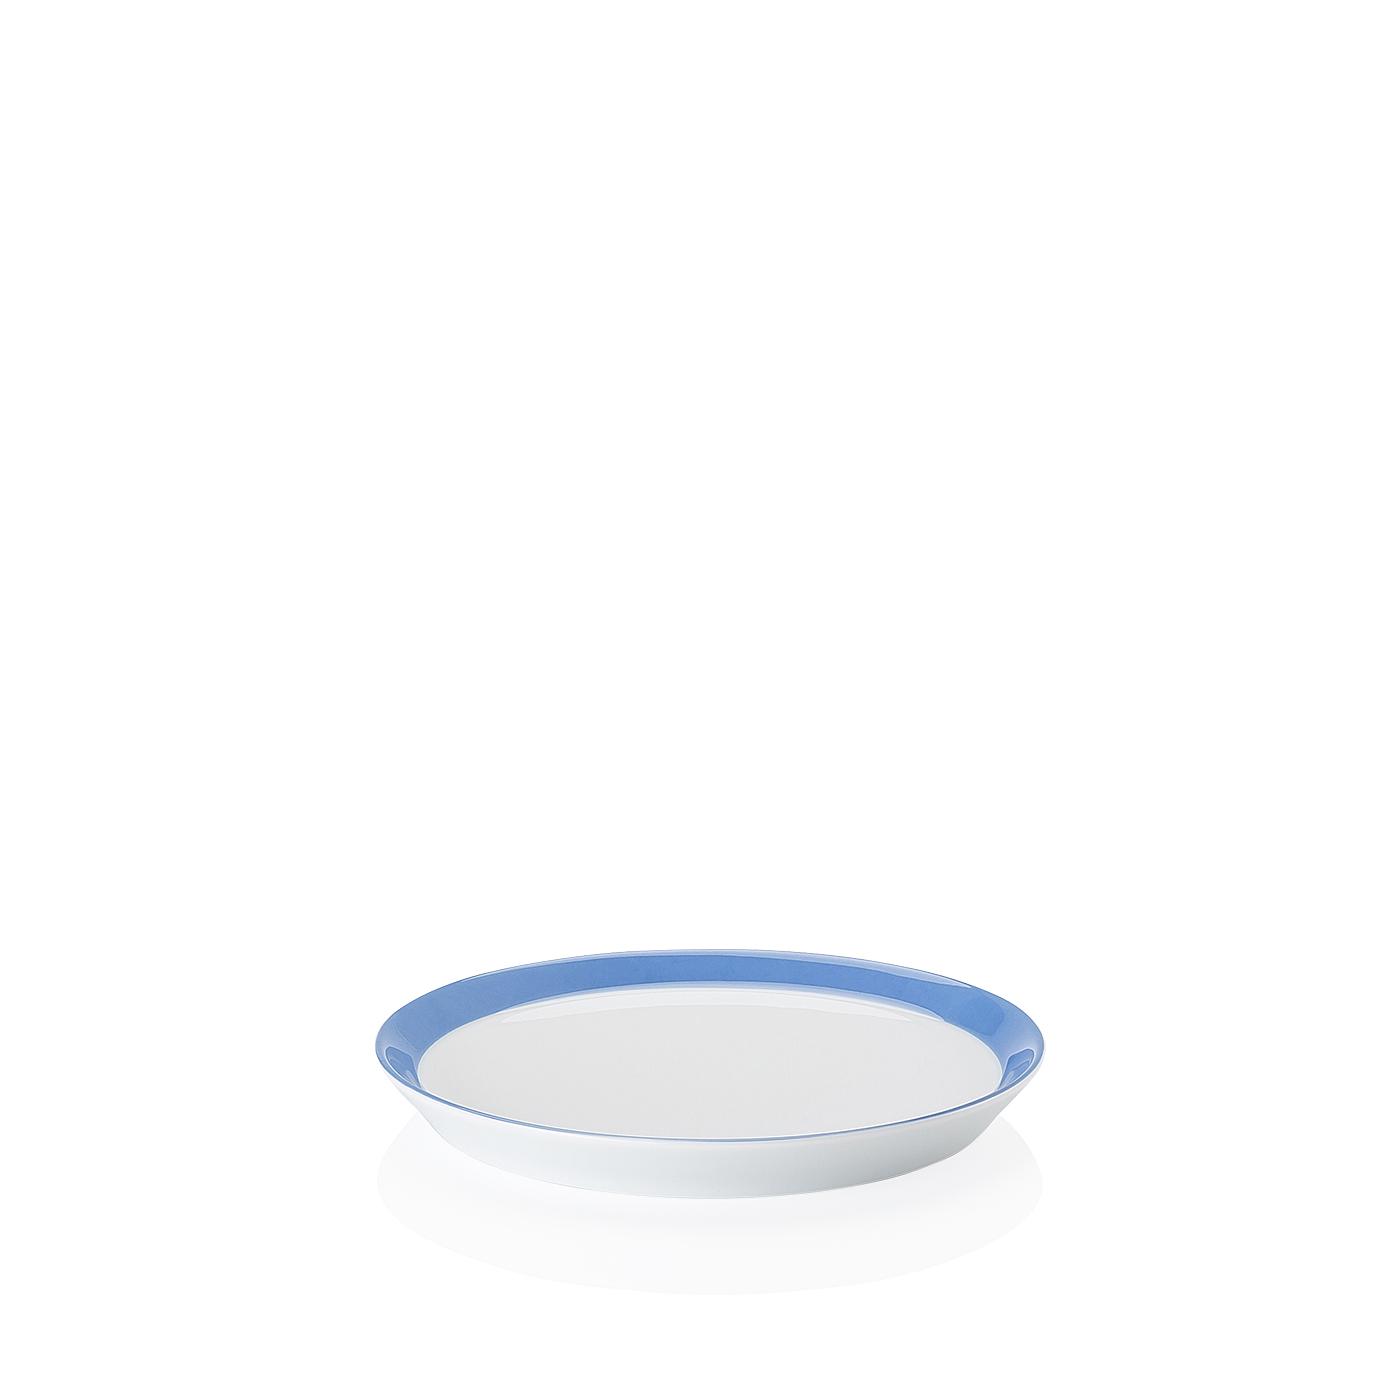 Brotteller 18 cm/Fa Tric Blau Arzberg